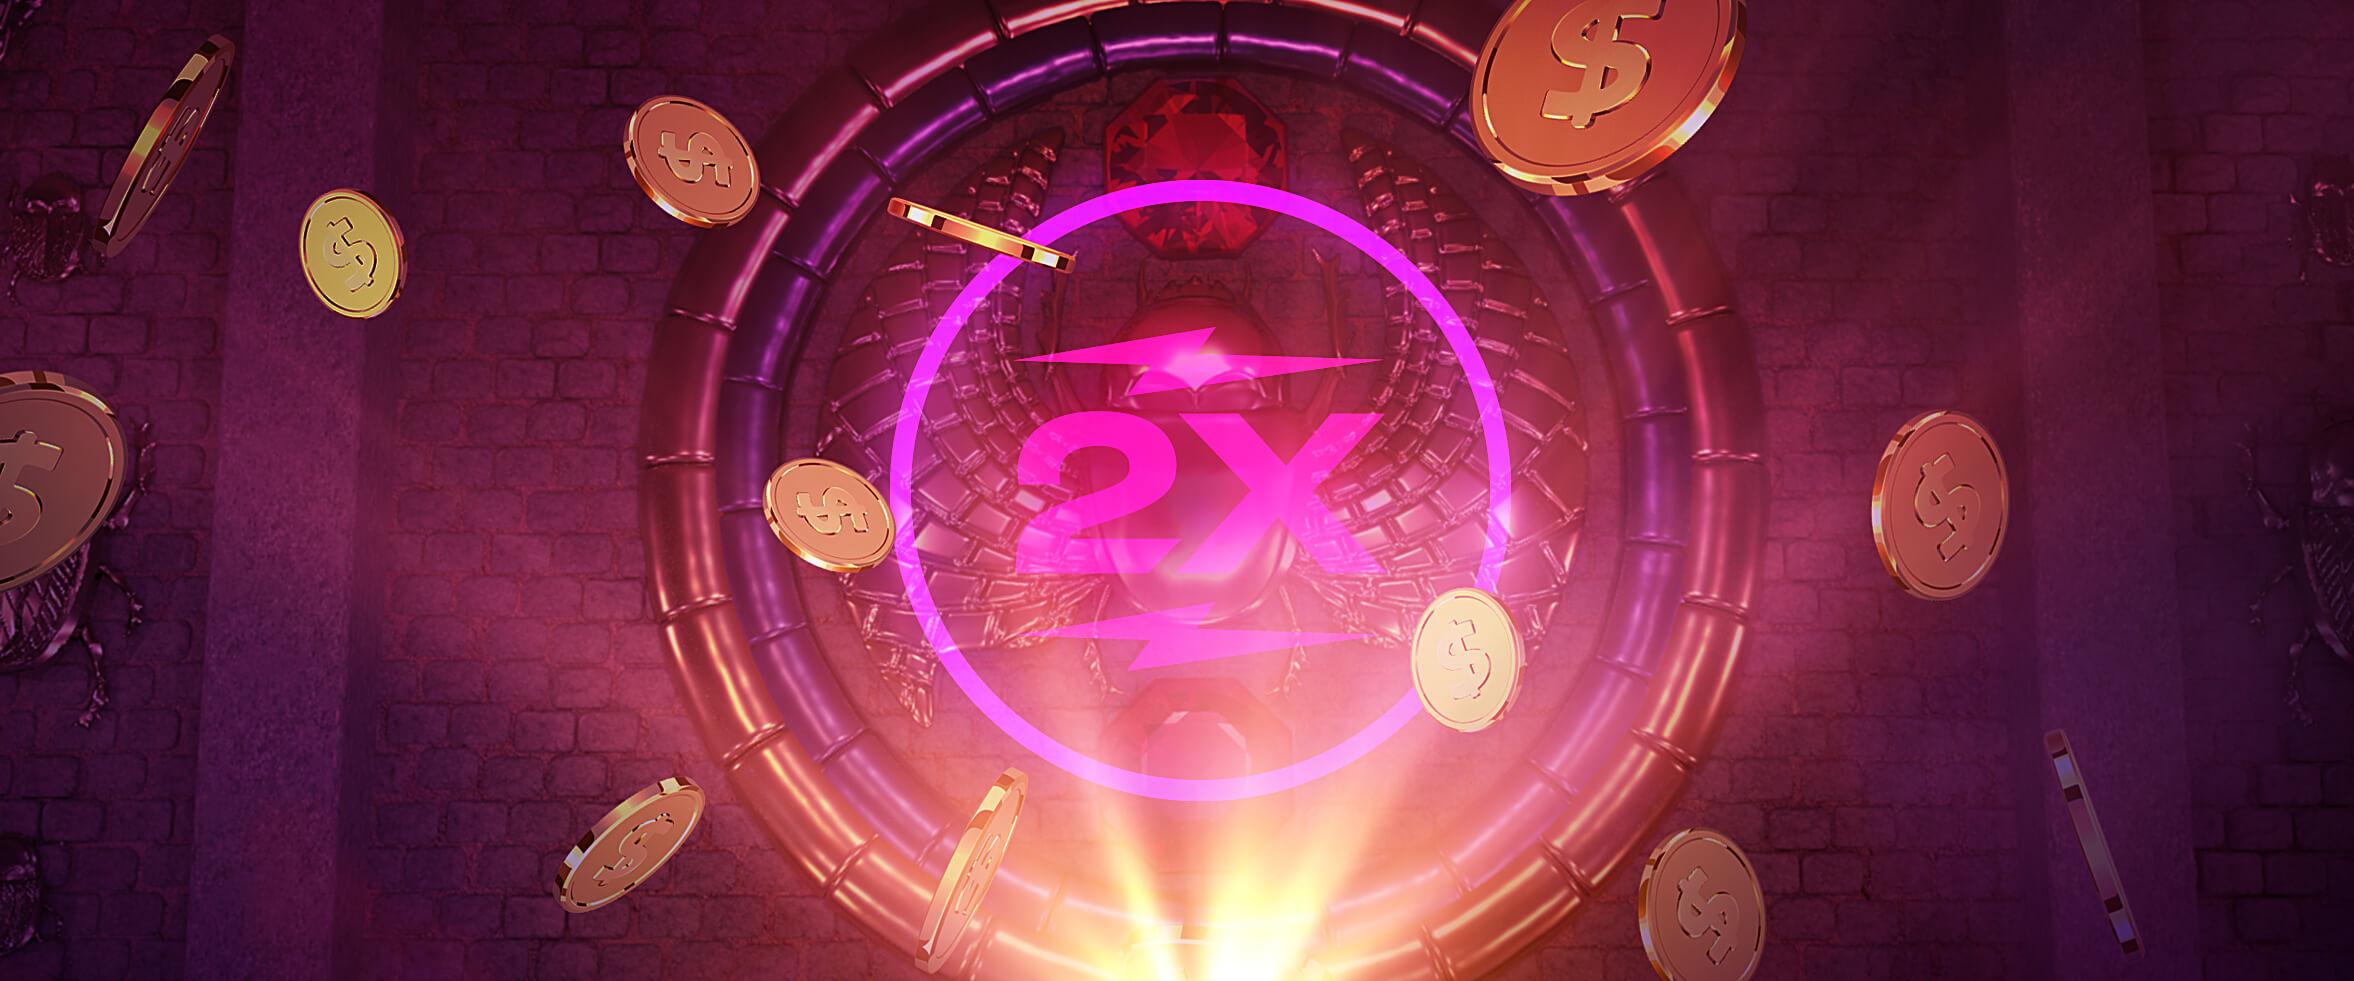 2x Speed Merkur Gamingin peleihin